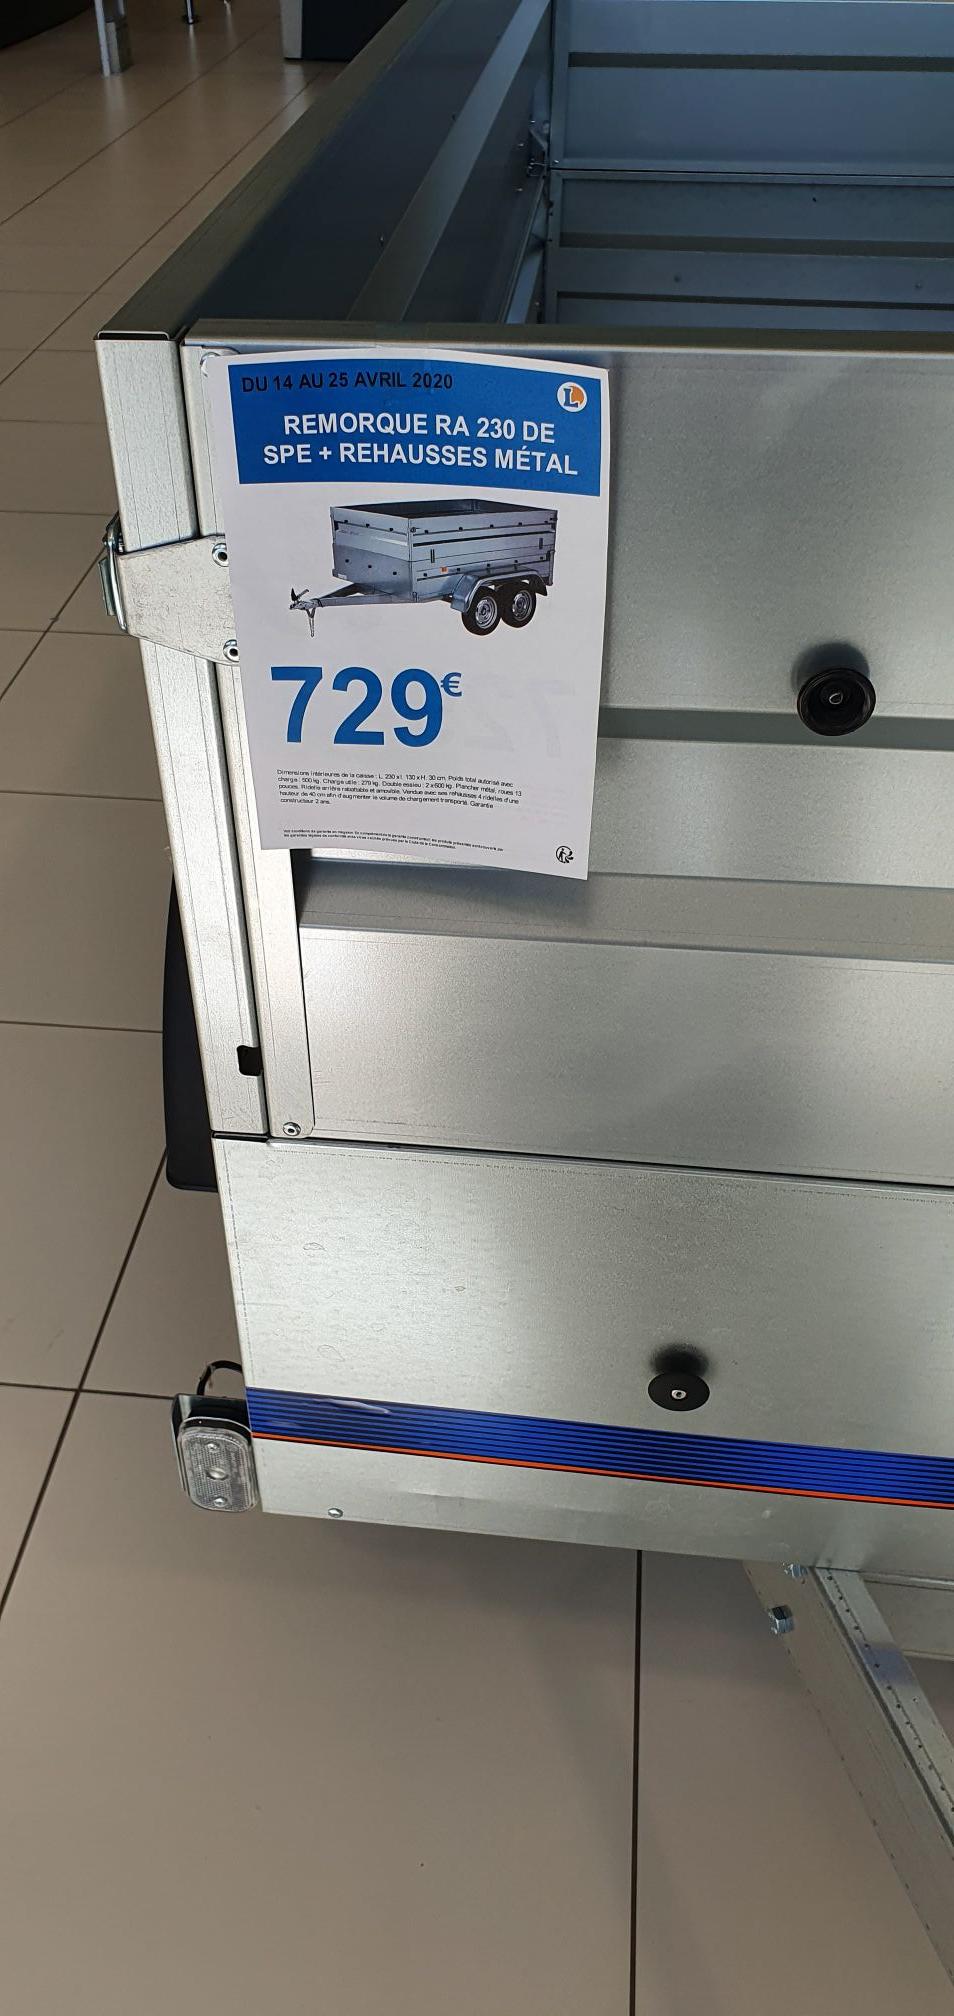 Remorque double essieux - 230 cm, avec rehausse bâche et antivol - Blain (44)